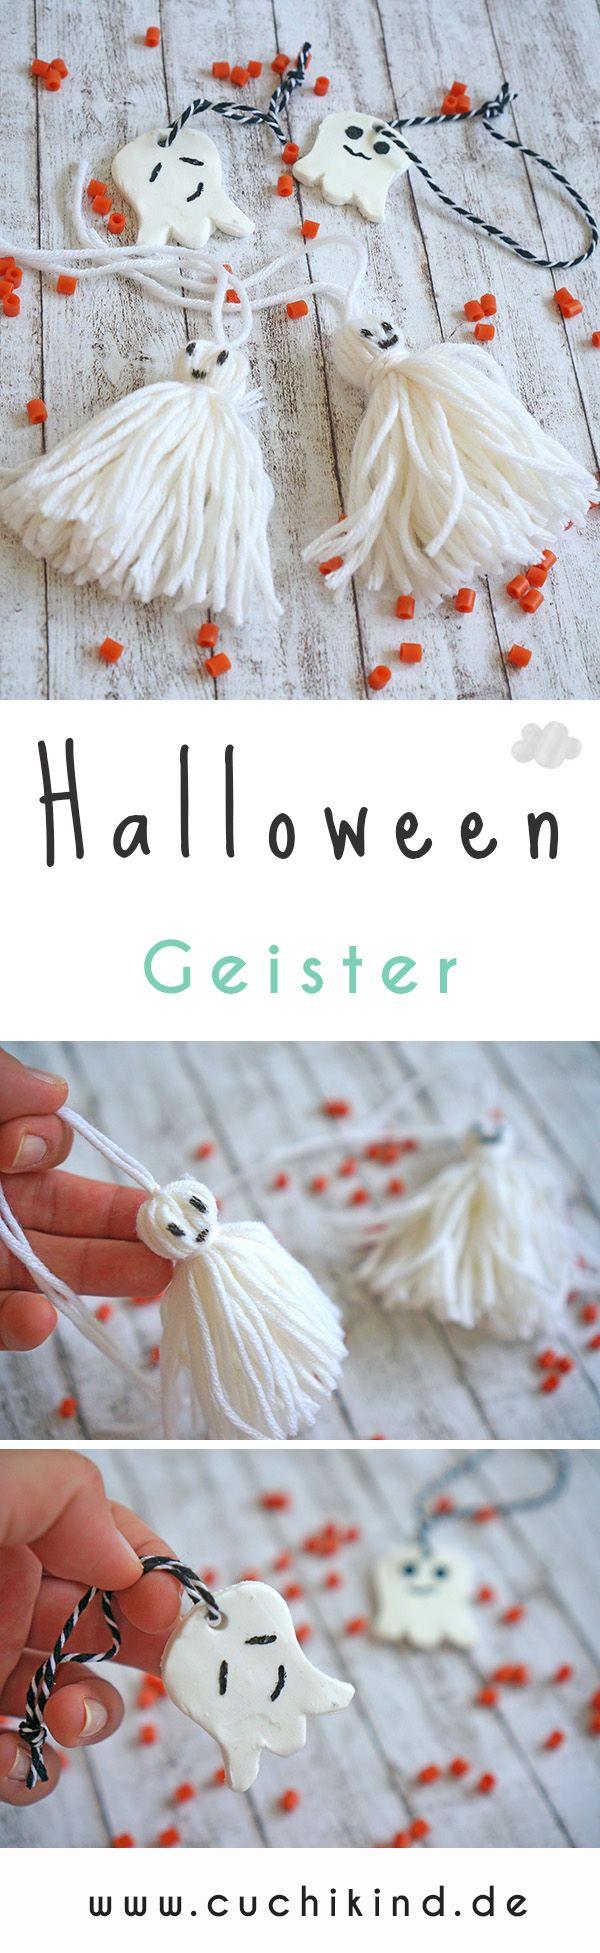 Halloween-Geister aus Wolle oder Fimo. Mit Video-Tutorial, Anleitung zum Nachmachen. Geht schnell und einfach auch mit Kindern. #bastelnmitkindern #halloween #geister #tutorial #video